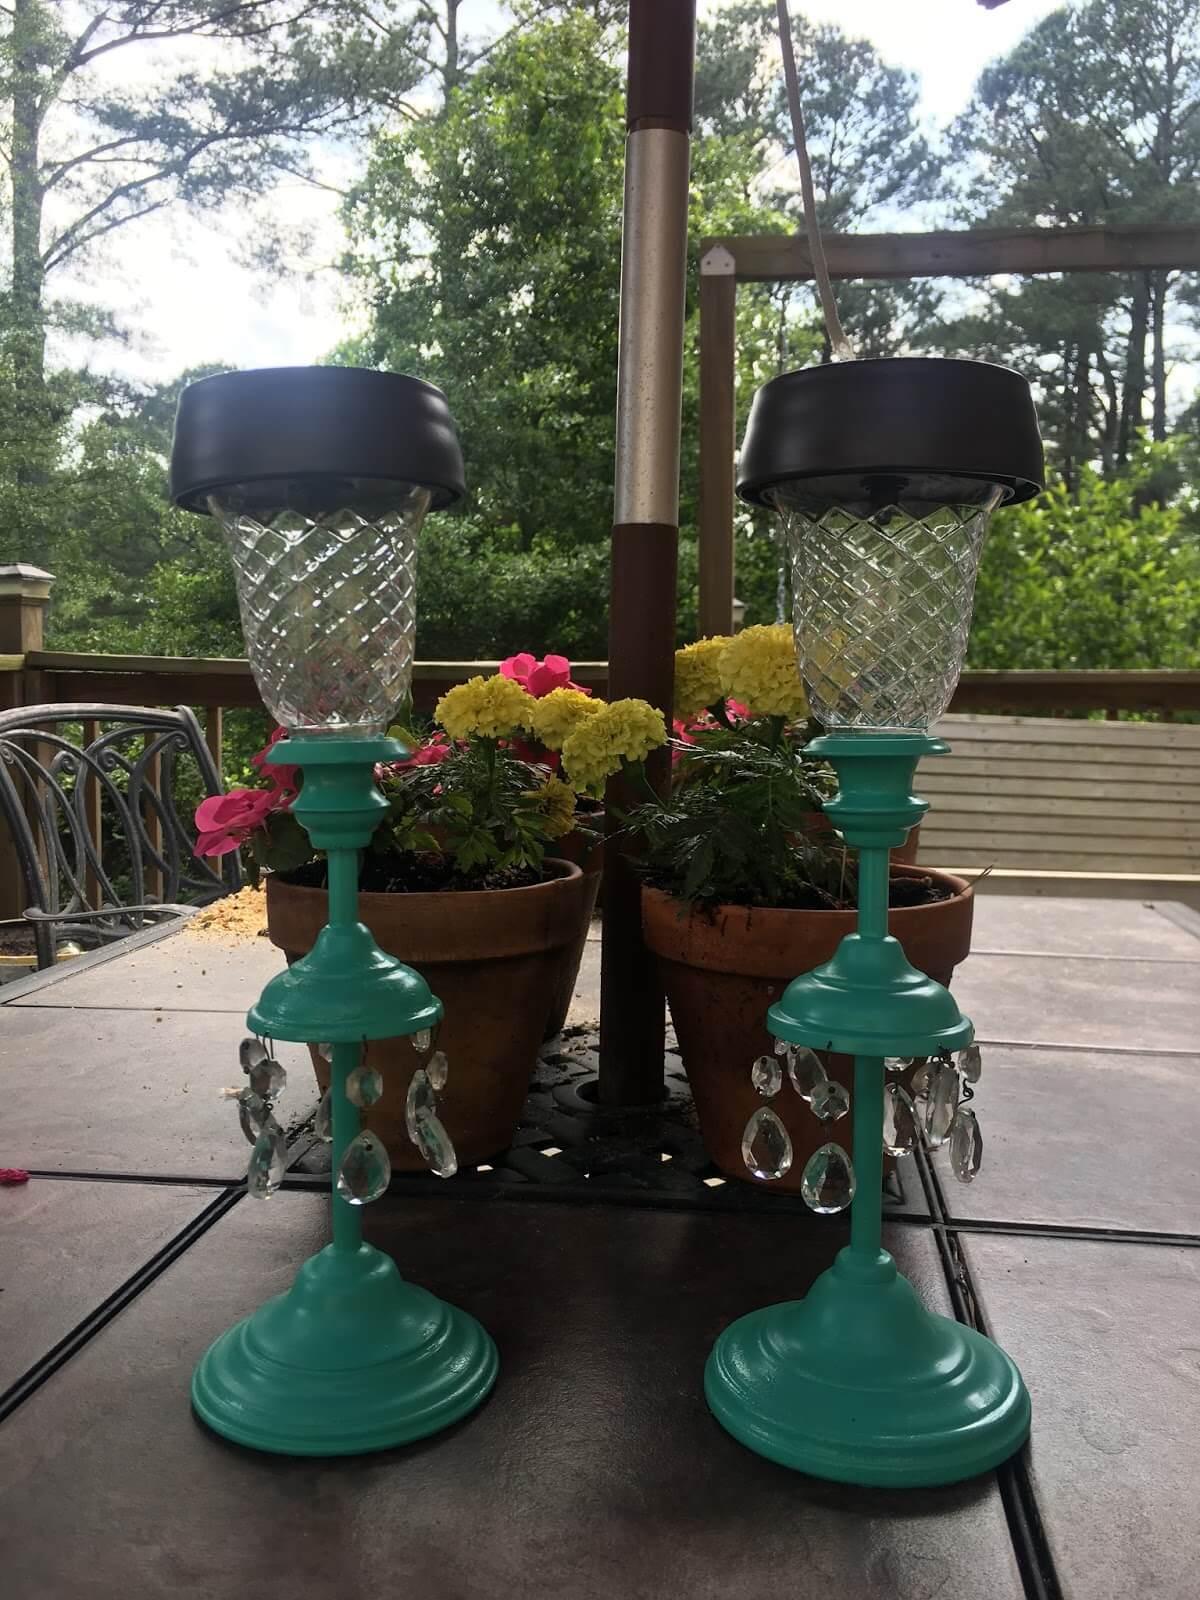 Lovely Solar-Powered Dinner Candles